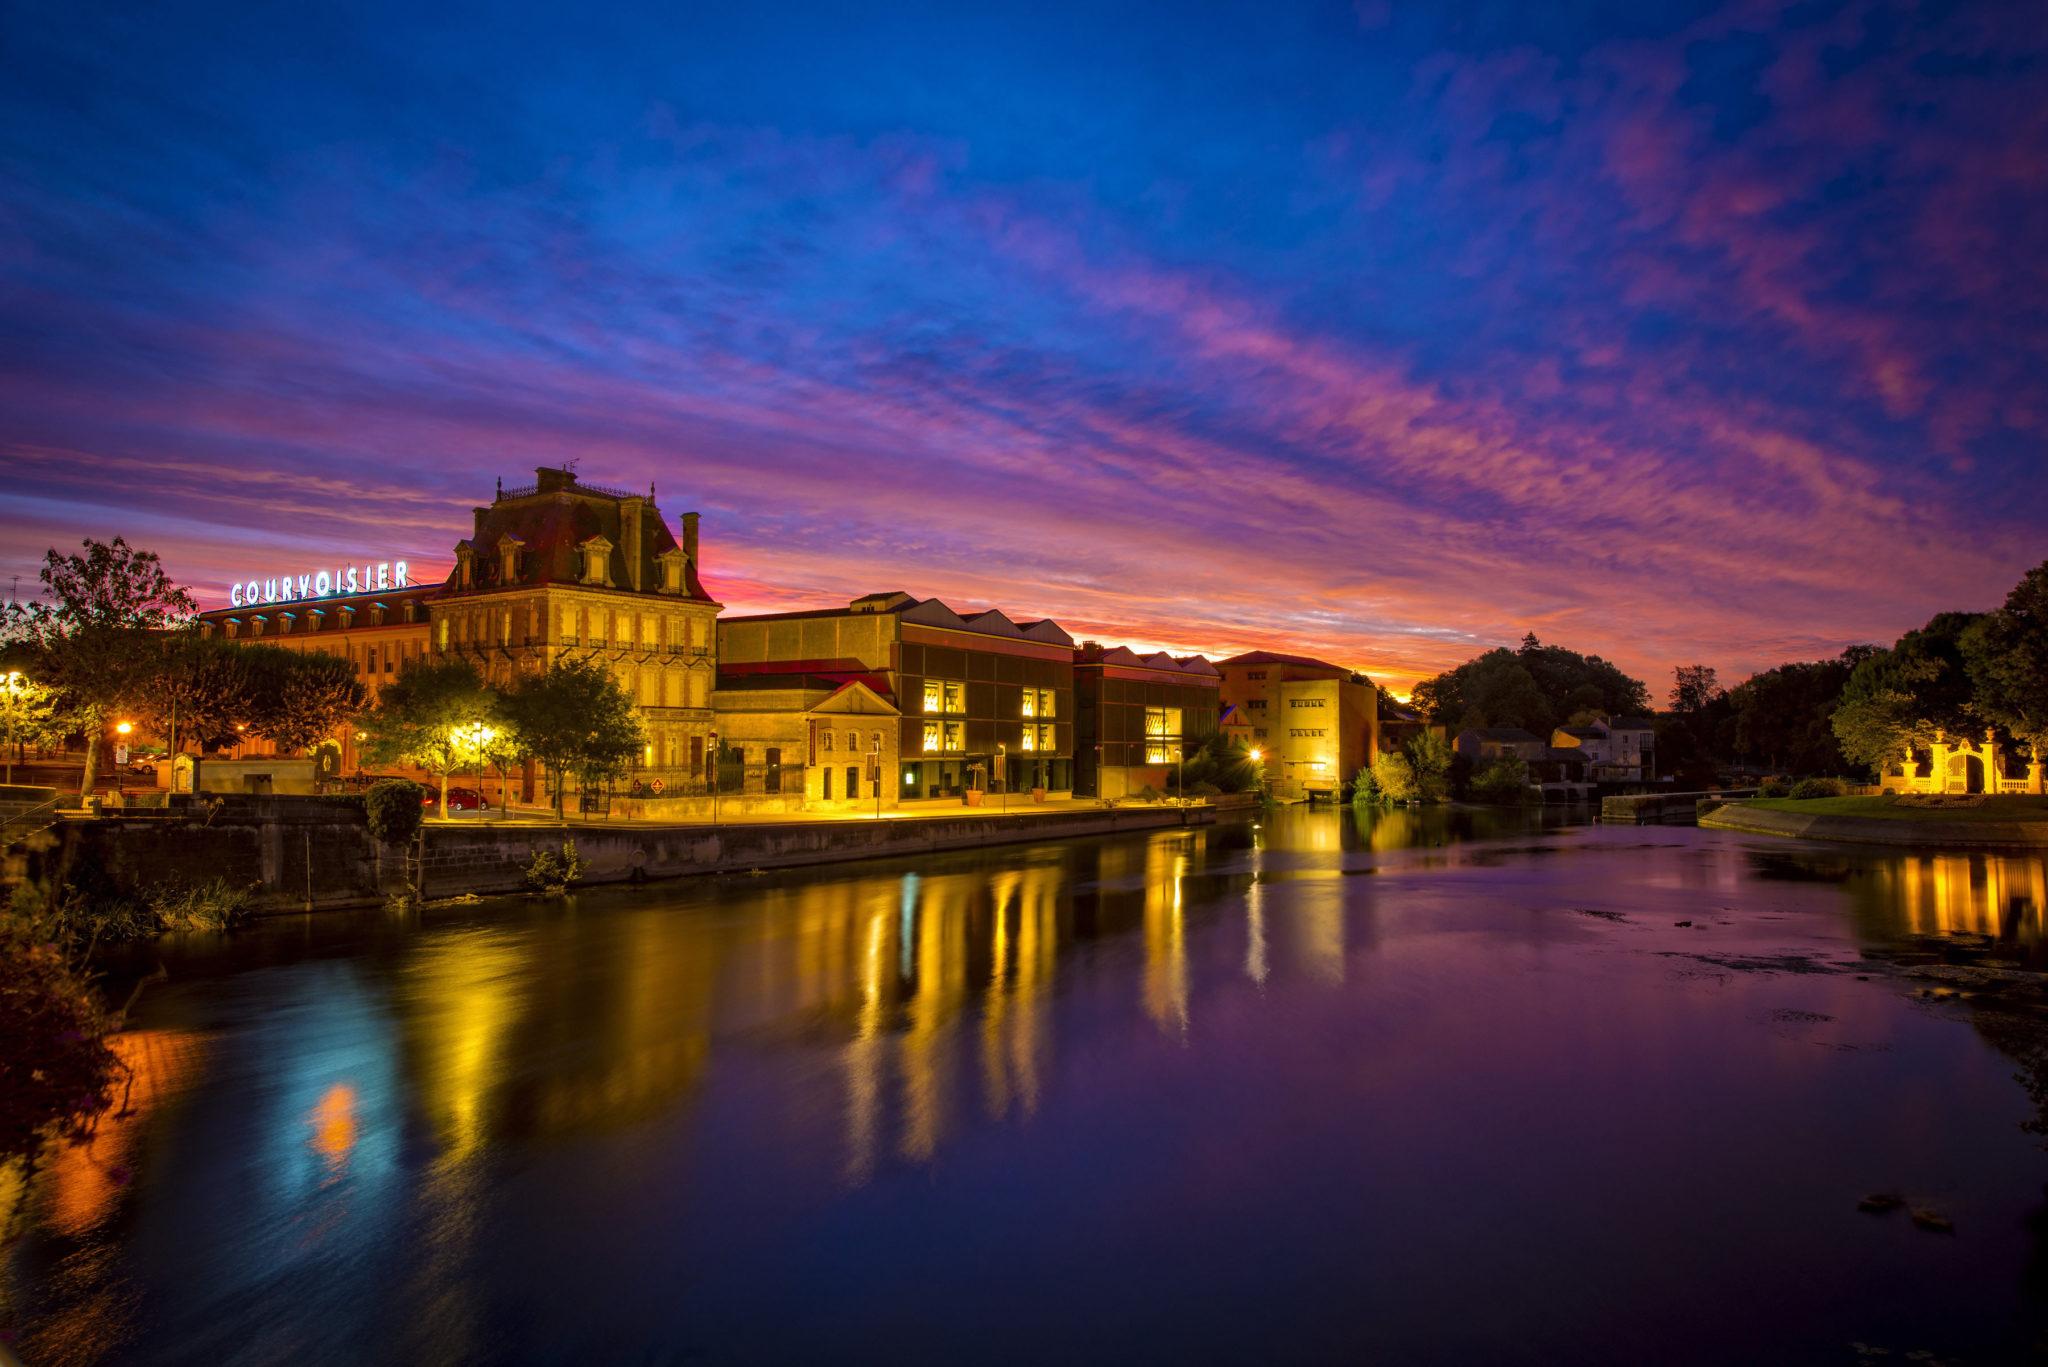 Cognac courvoisier jarnac visites et prix destination for Exterieur nuit